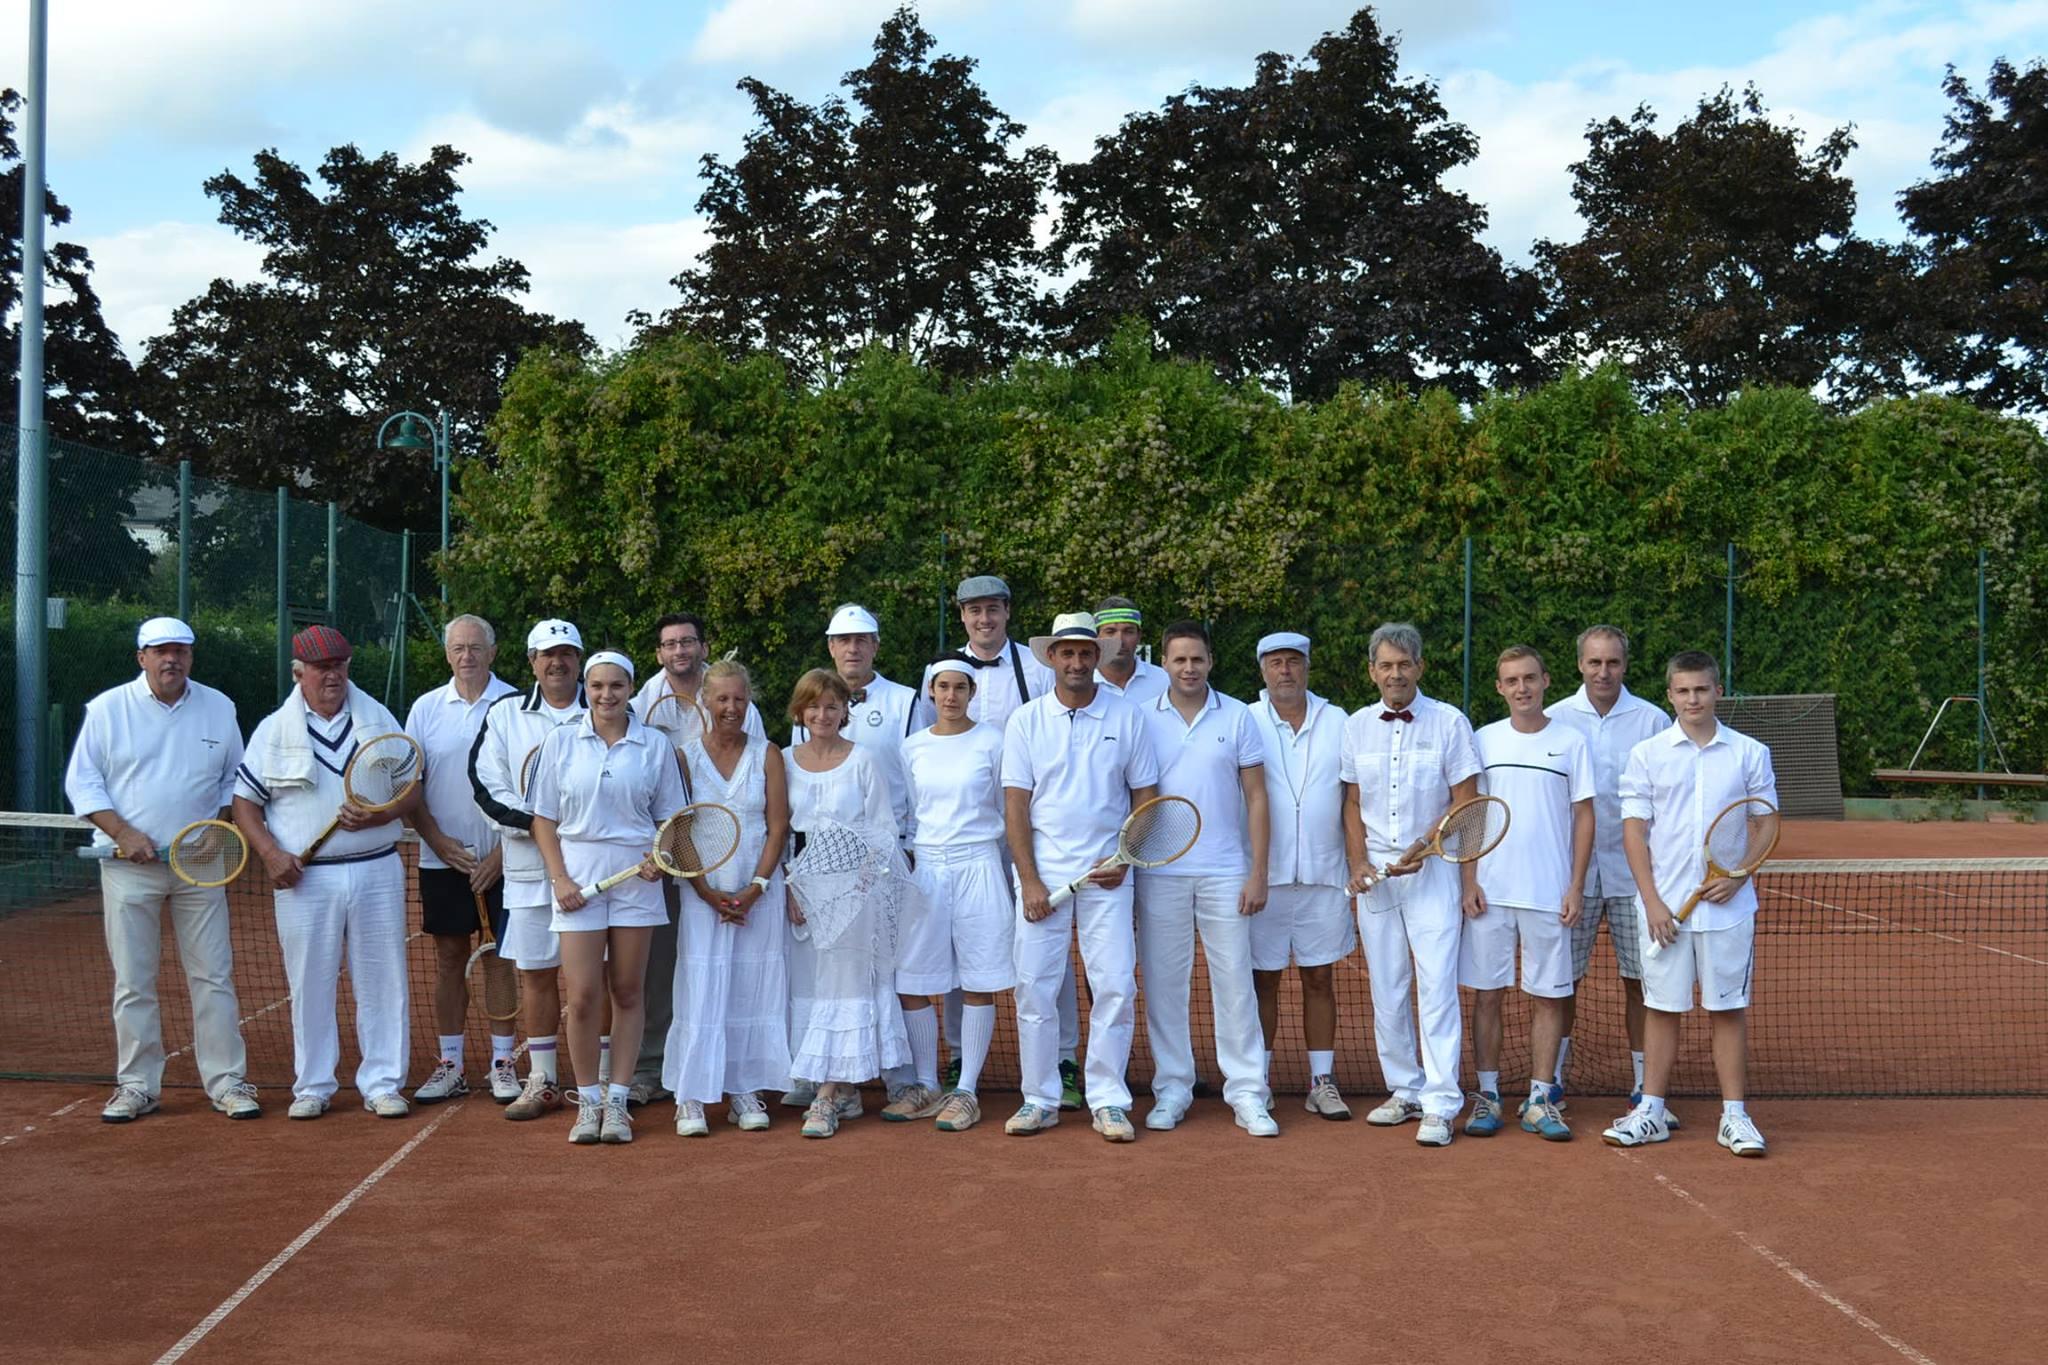 Nostalgie-Turnier 2015